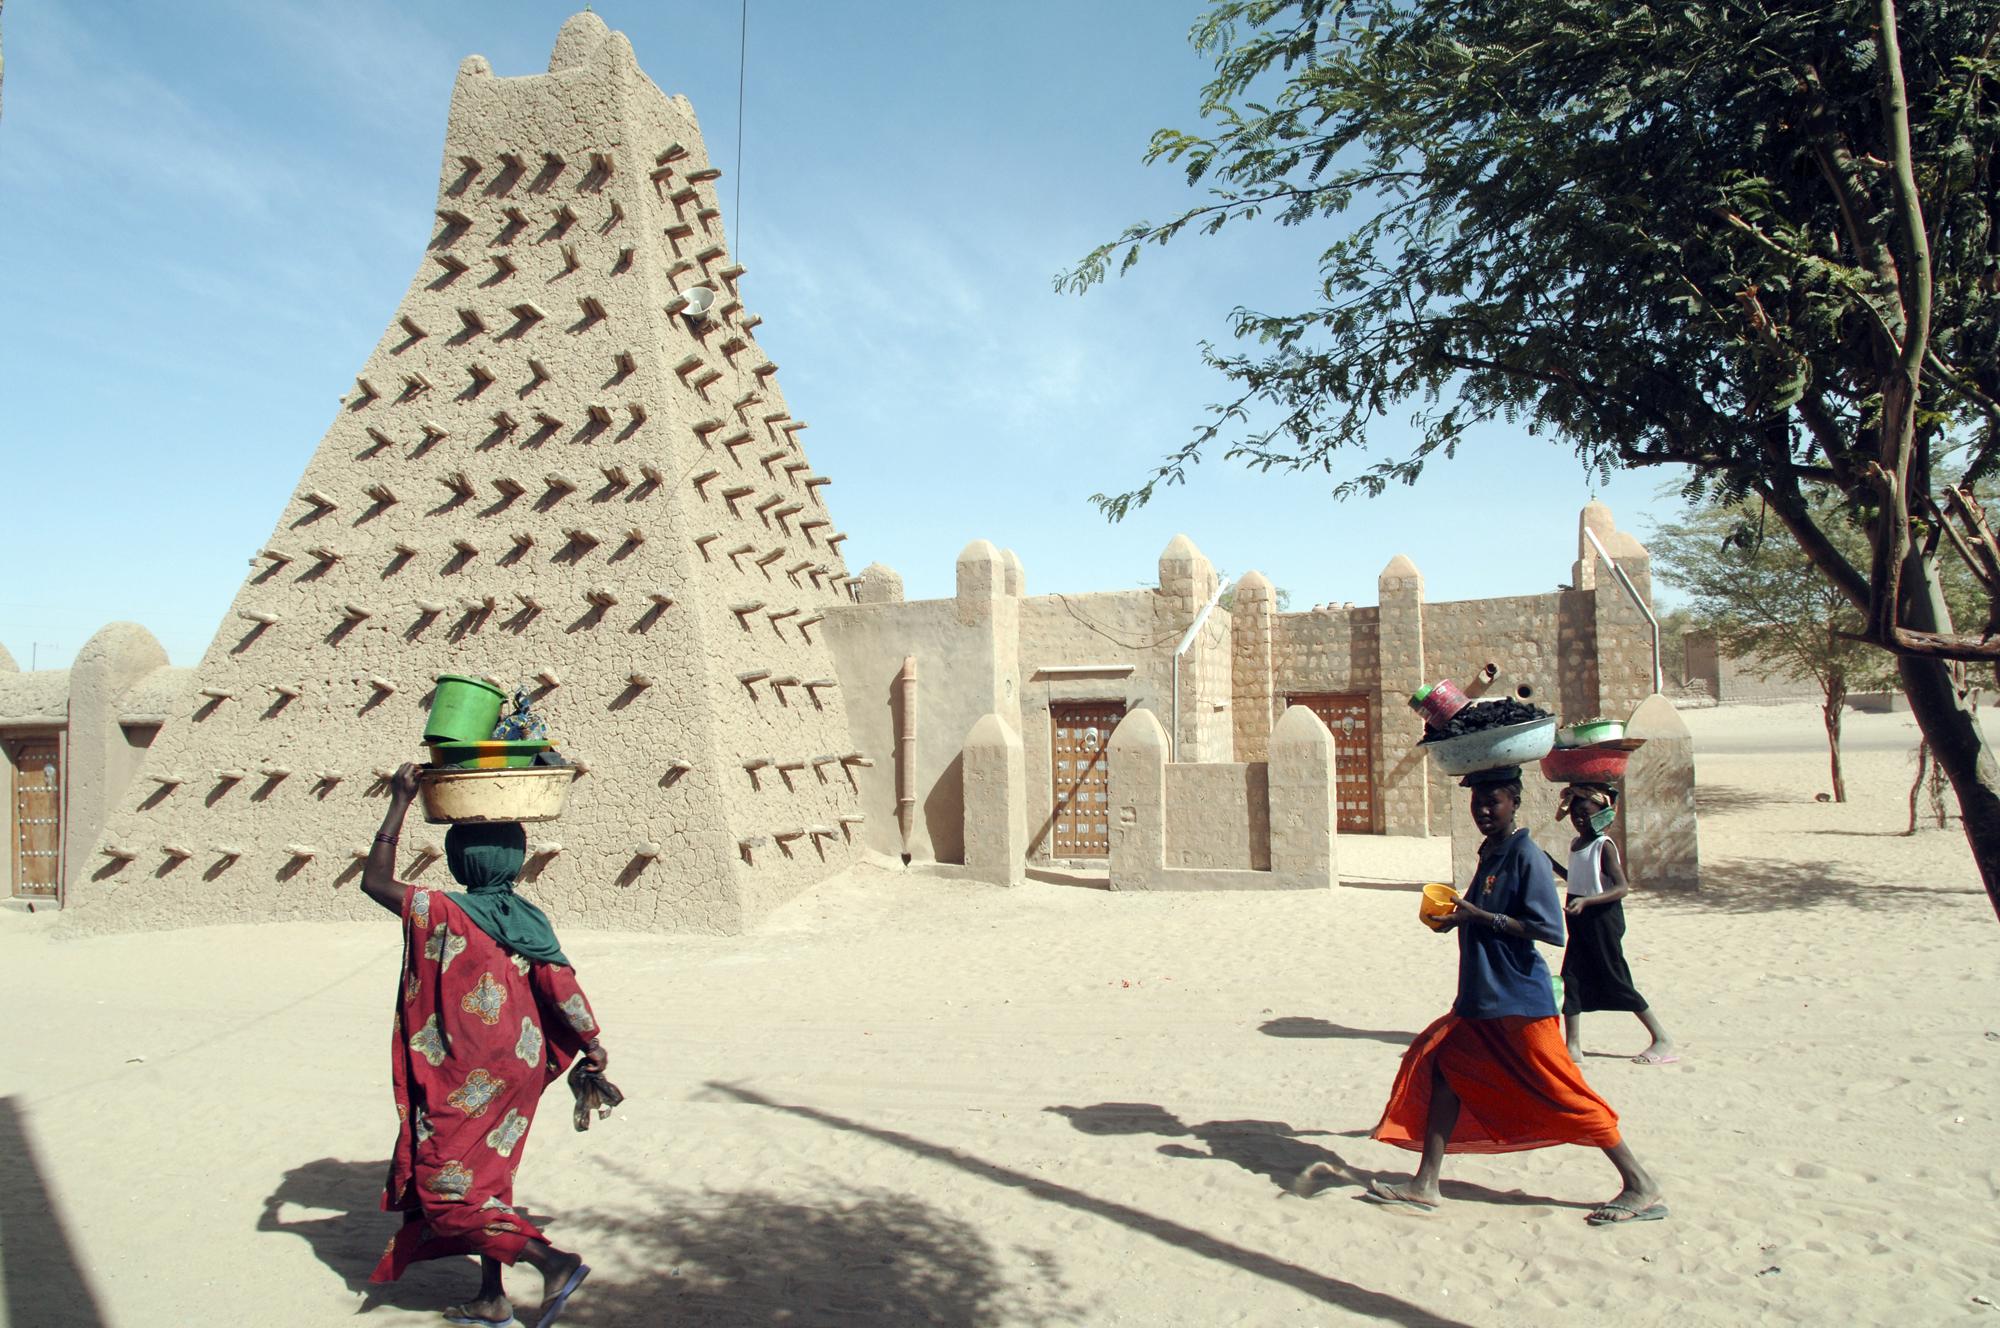 <p>В Тимбукту, който се намира съвесем близо до Сахара, е измерена температура от 49 &deg;C.</p>